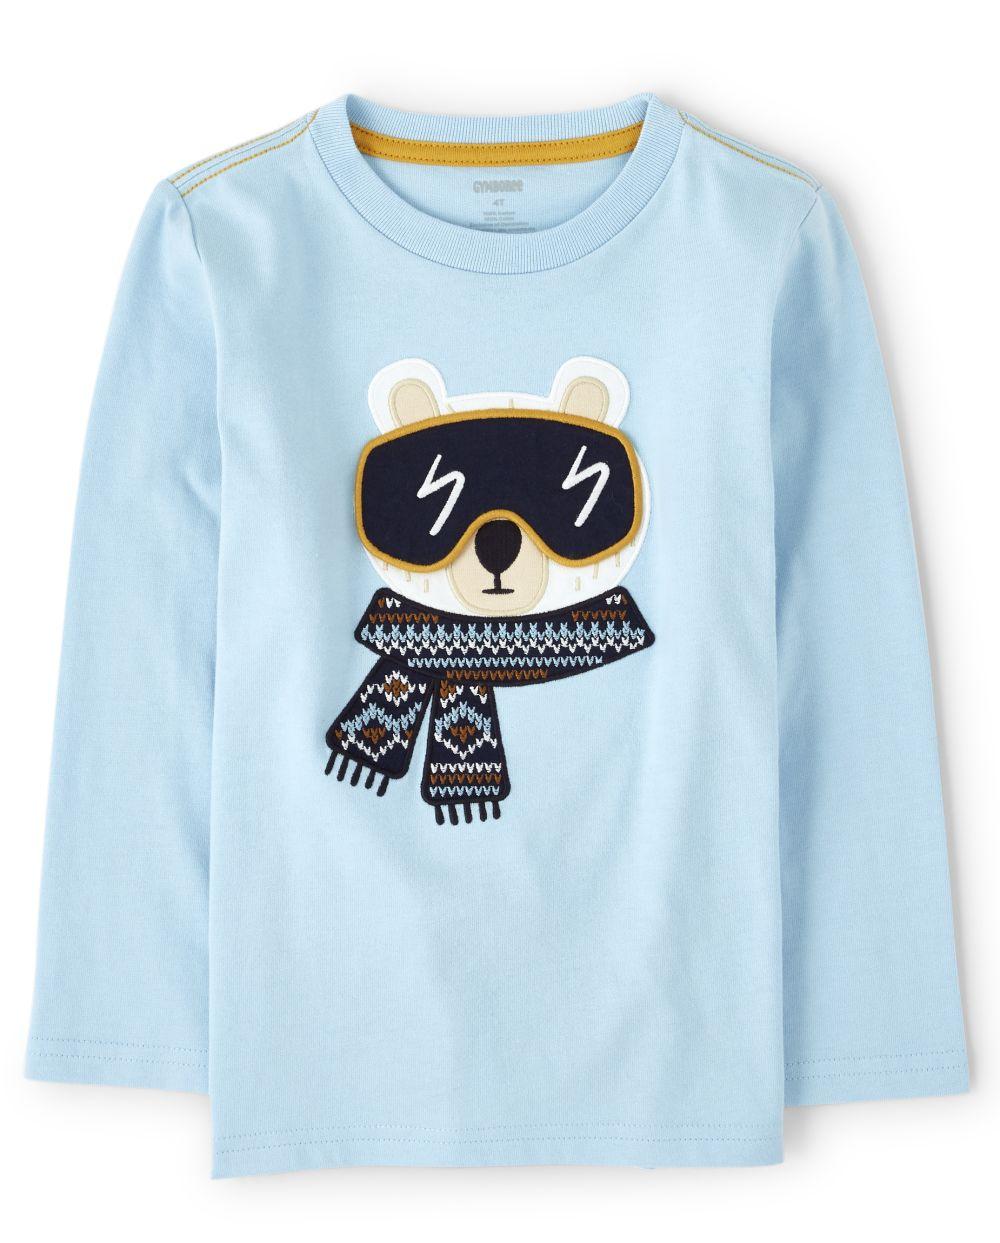 Boys Peek-A-Boo Polar Bear Top - Aspen Lodge